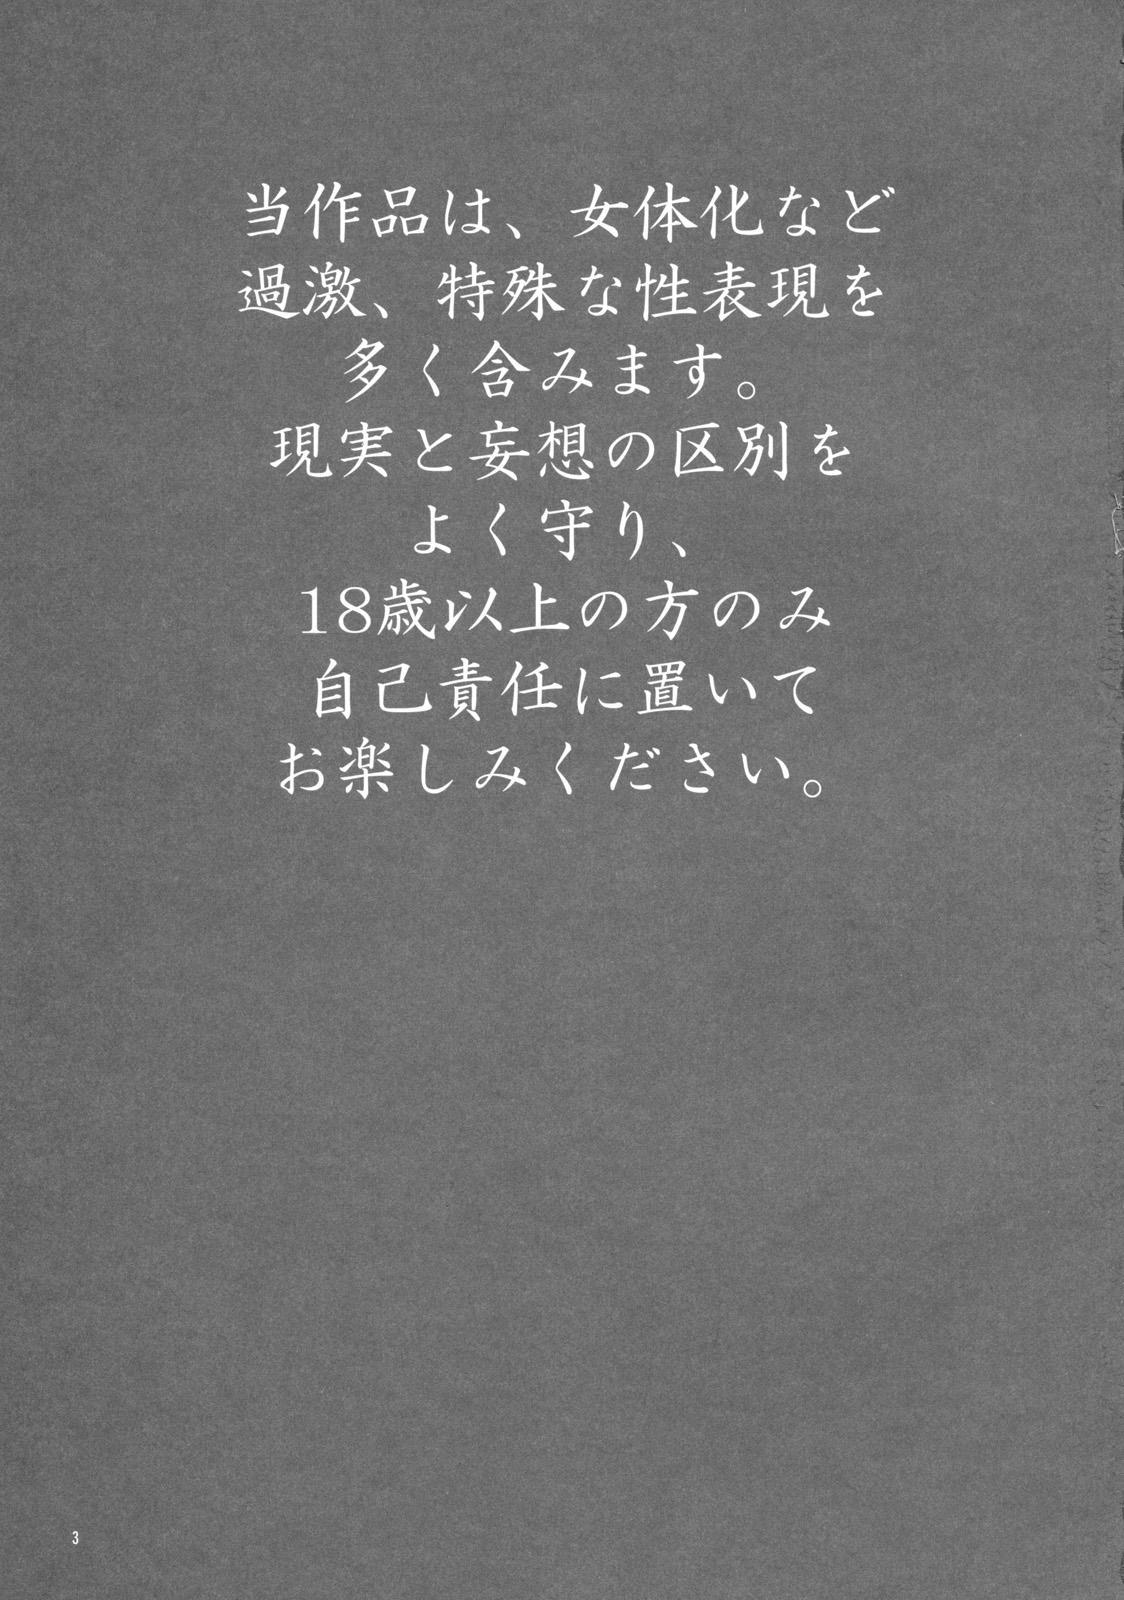 Osananajimi wo Harama Serutatta Hitotsu 1